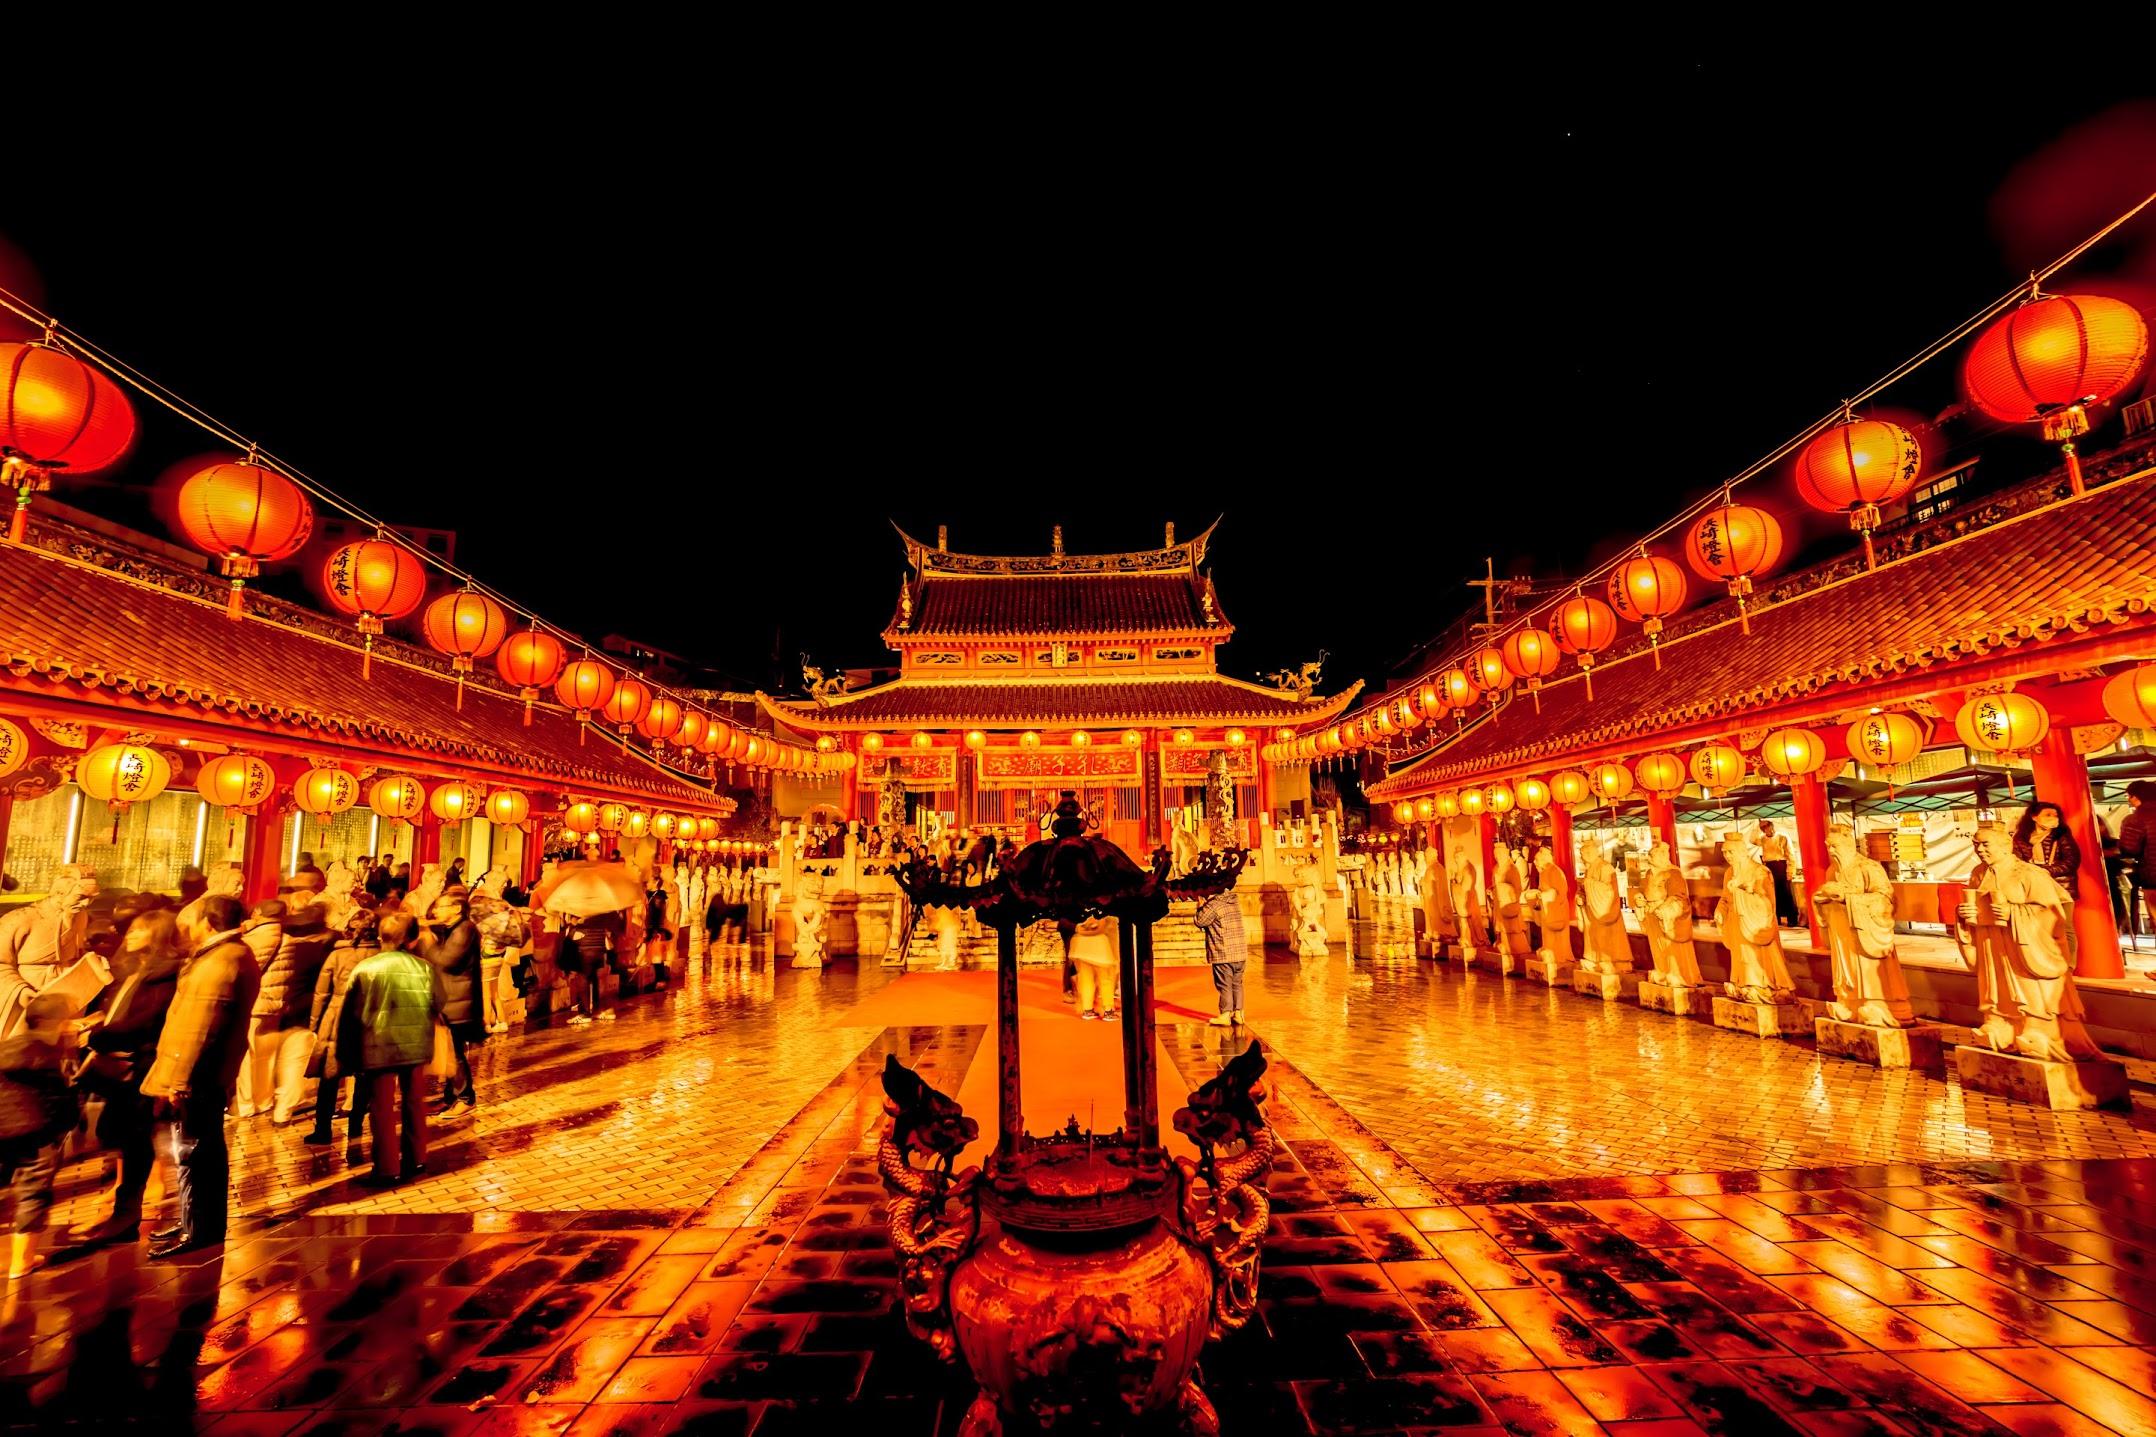 長崎ランタンフェスティバル 孔子廟2